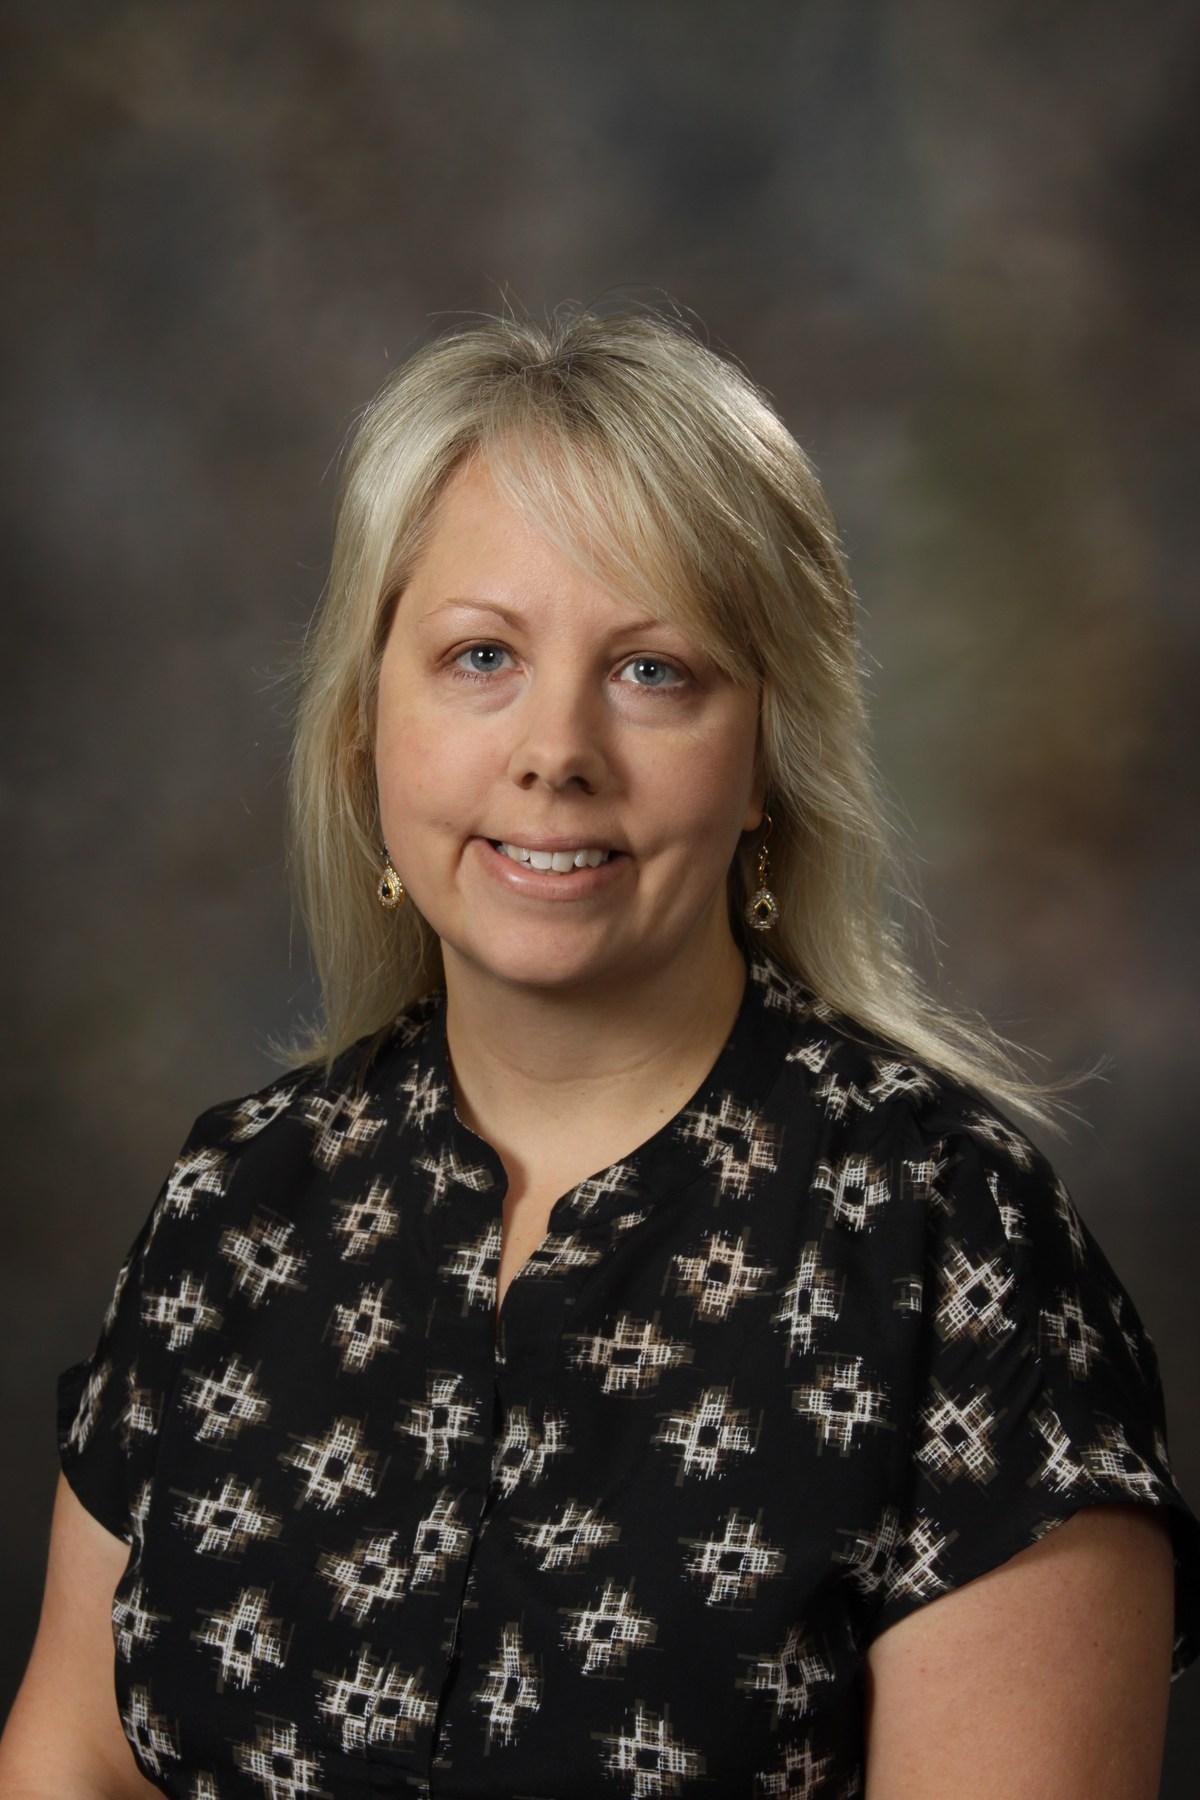 Ms. Broyles